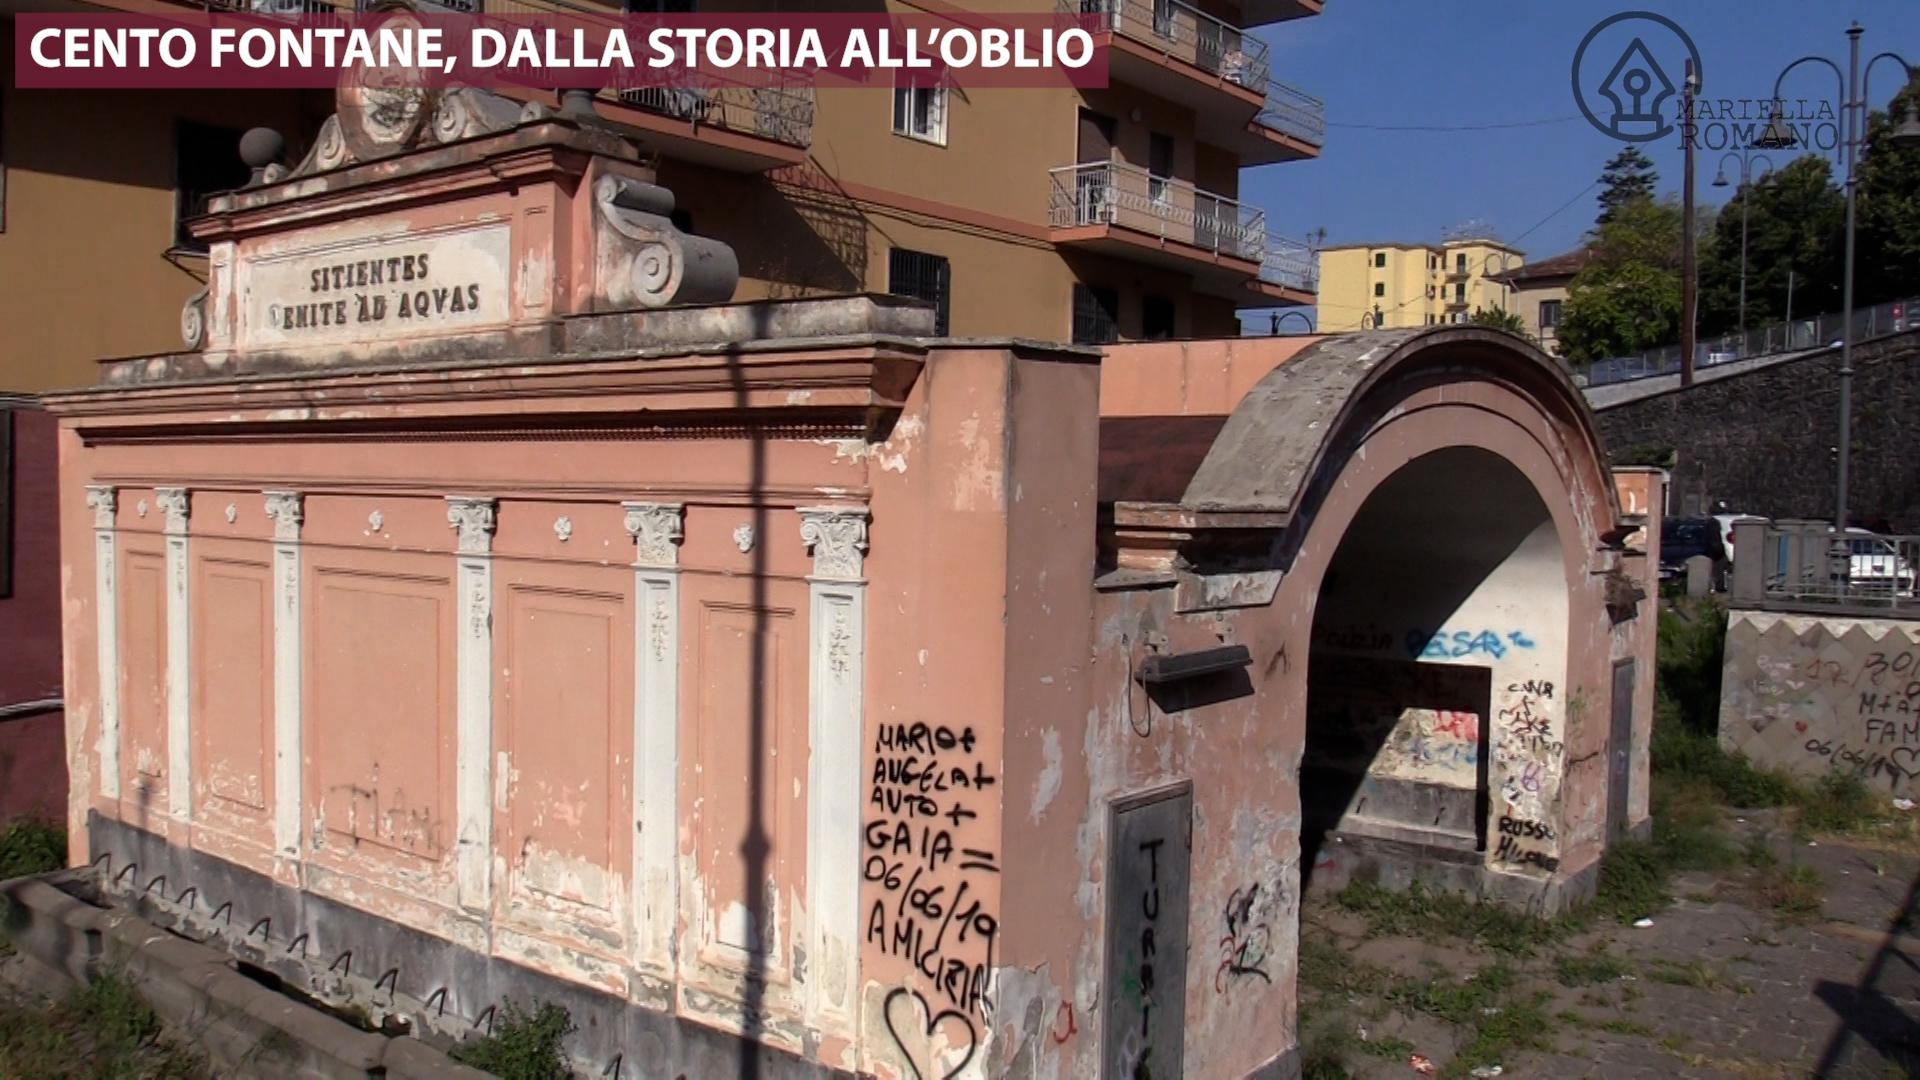 Cento Fontane, dalla storia all'oblio. Il Comune di Torre del Greco pensa al restauro (Video)